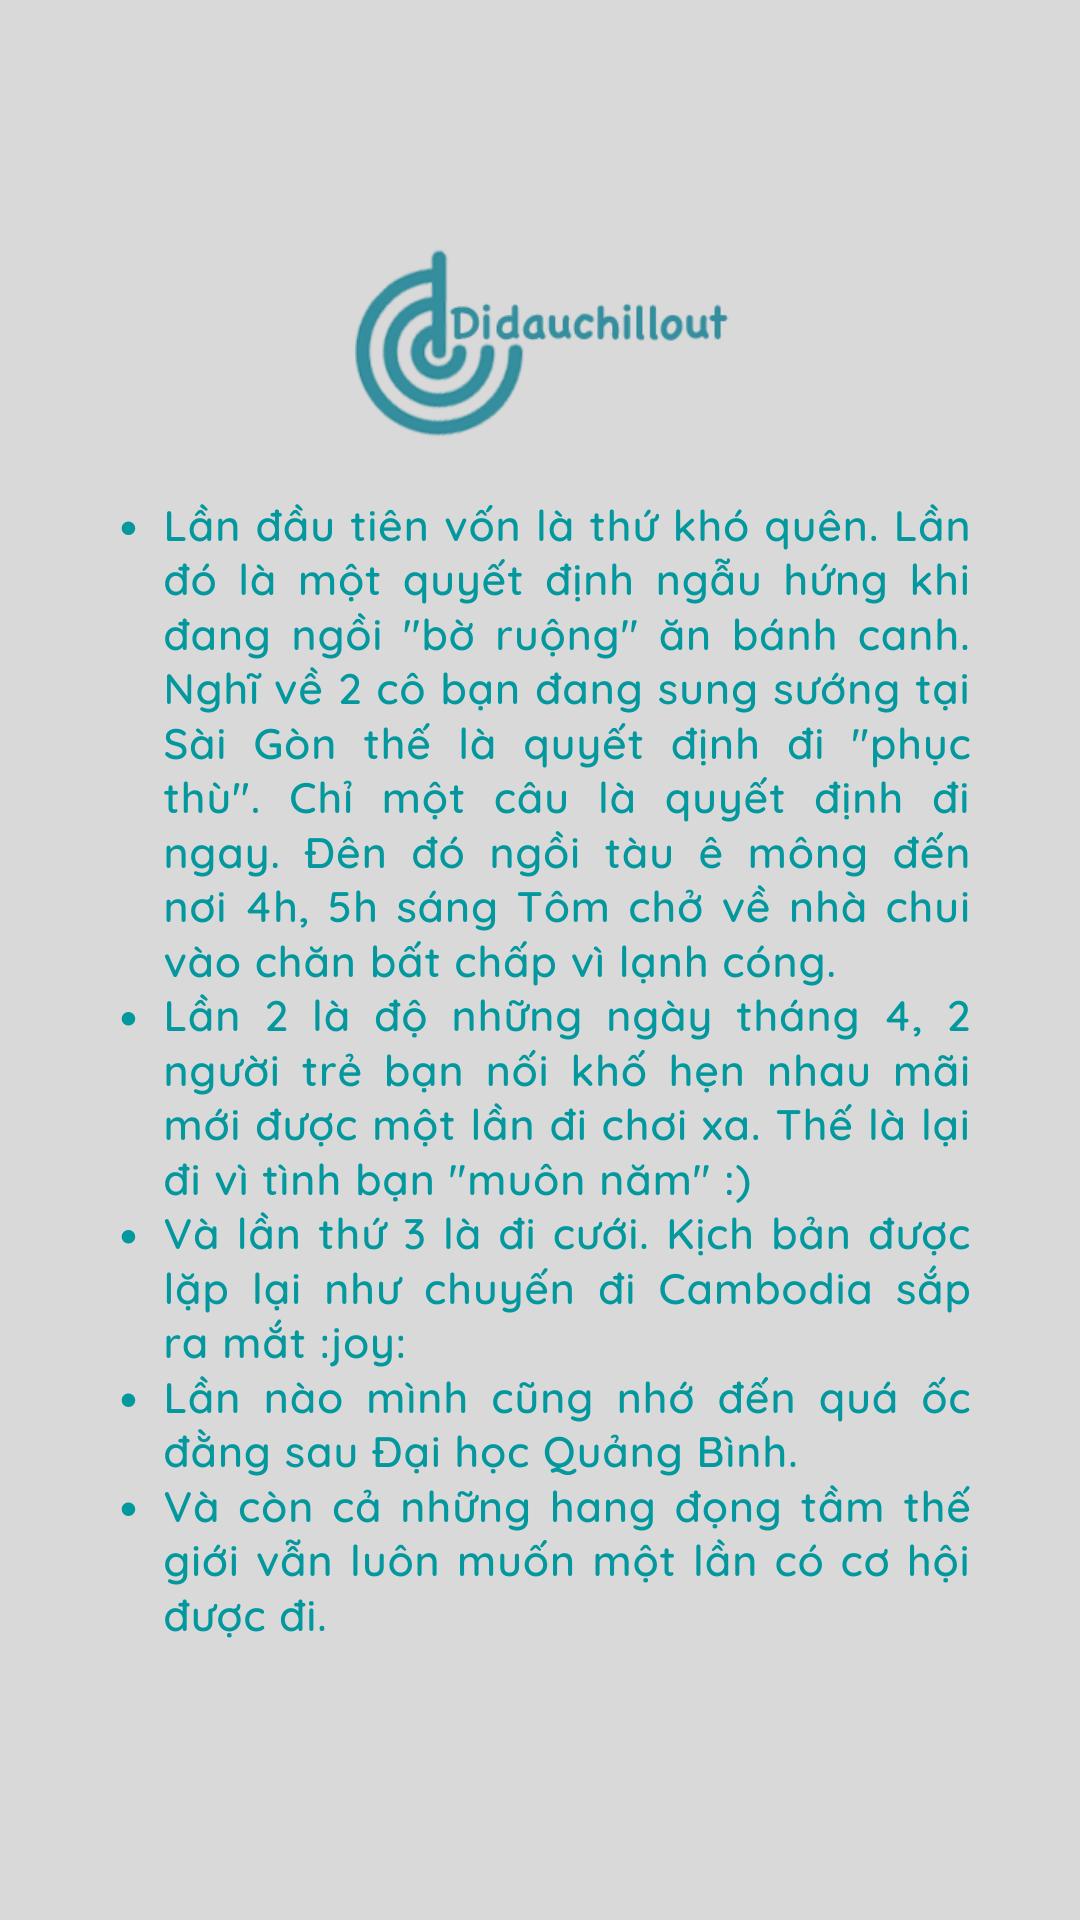 Nhật ký Quảng Bình